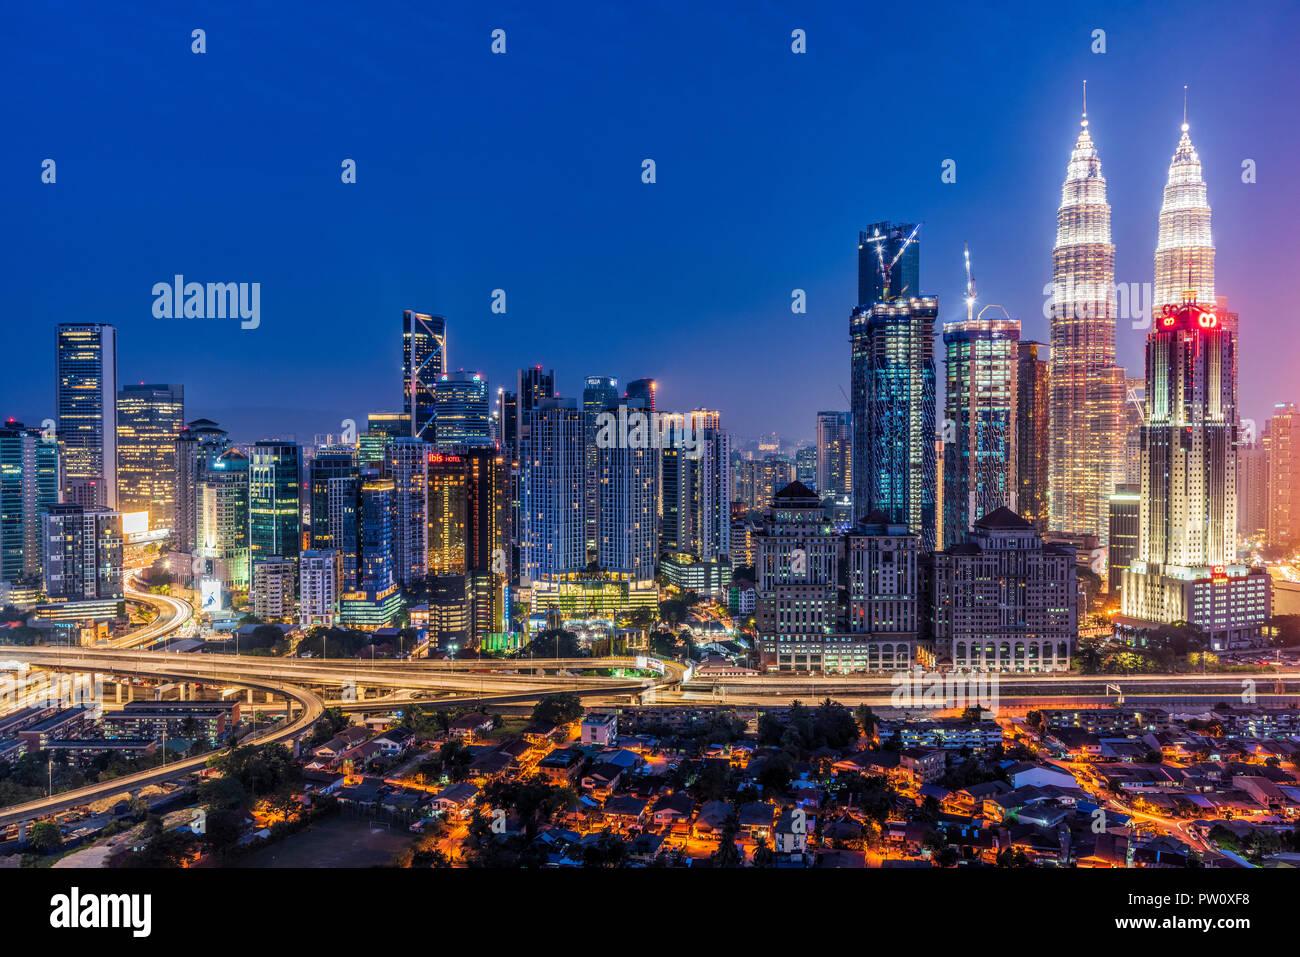 El horizonte de la ciudad por la noche, Kuala Lumpur, Malasia Imagen De Stock